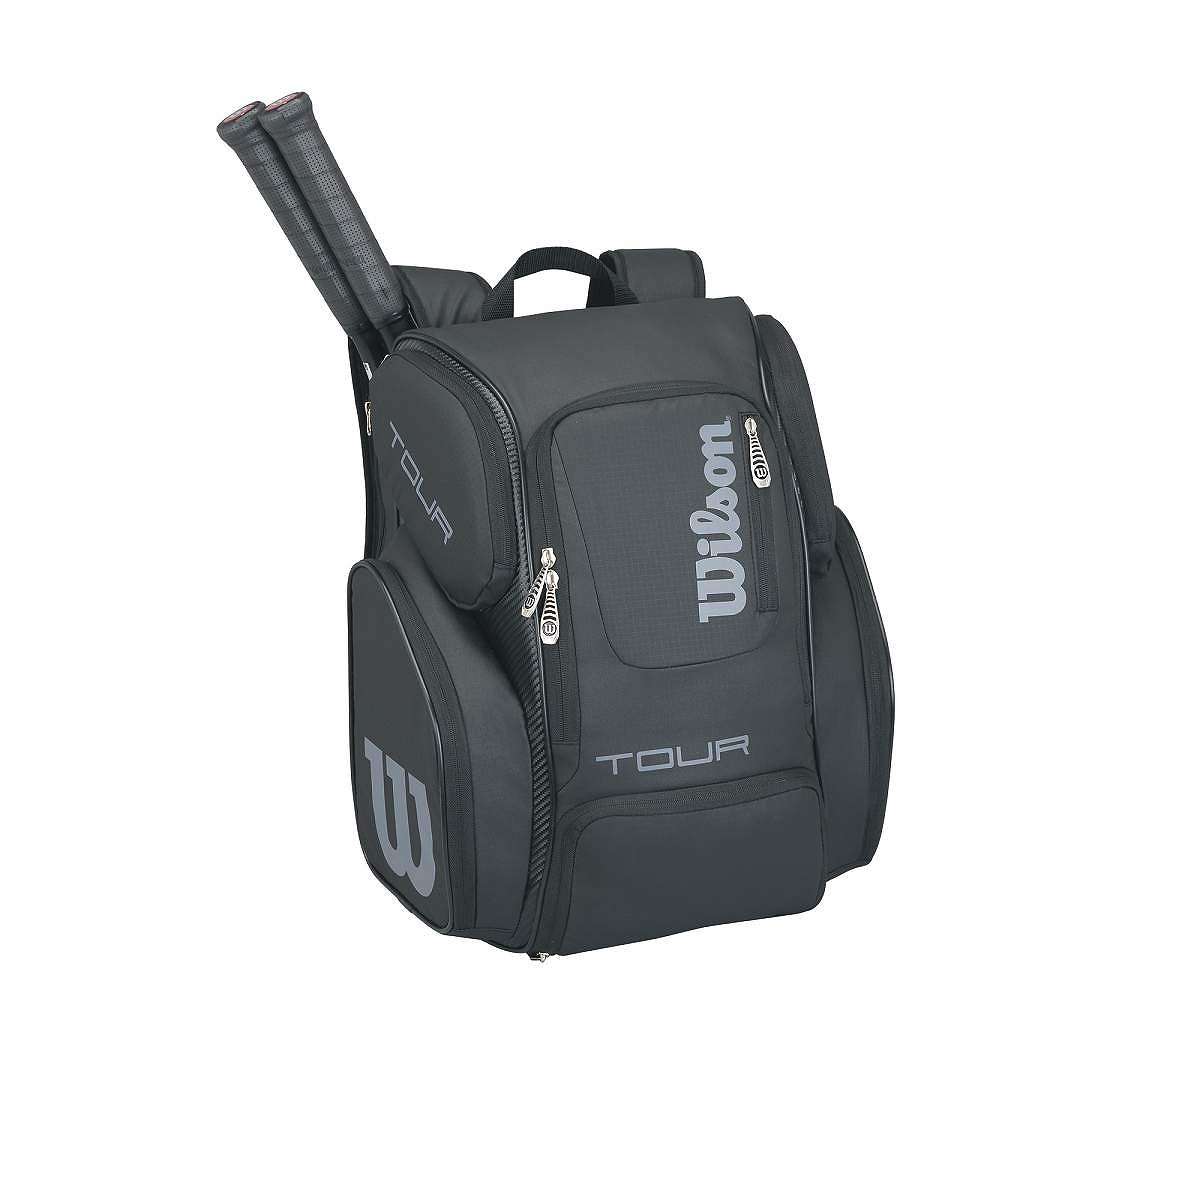 Wilson Tour black Large backpack.jpg